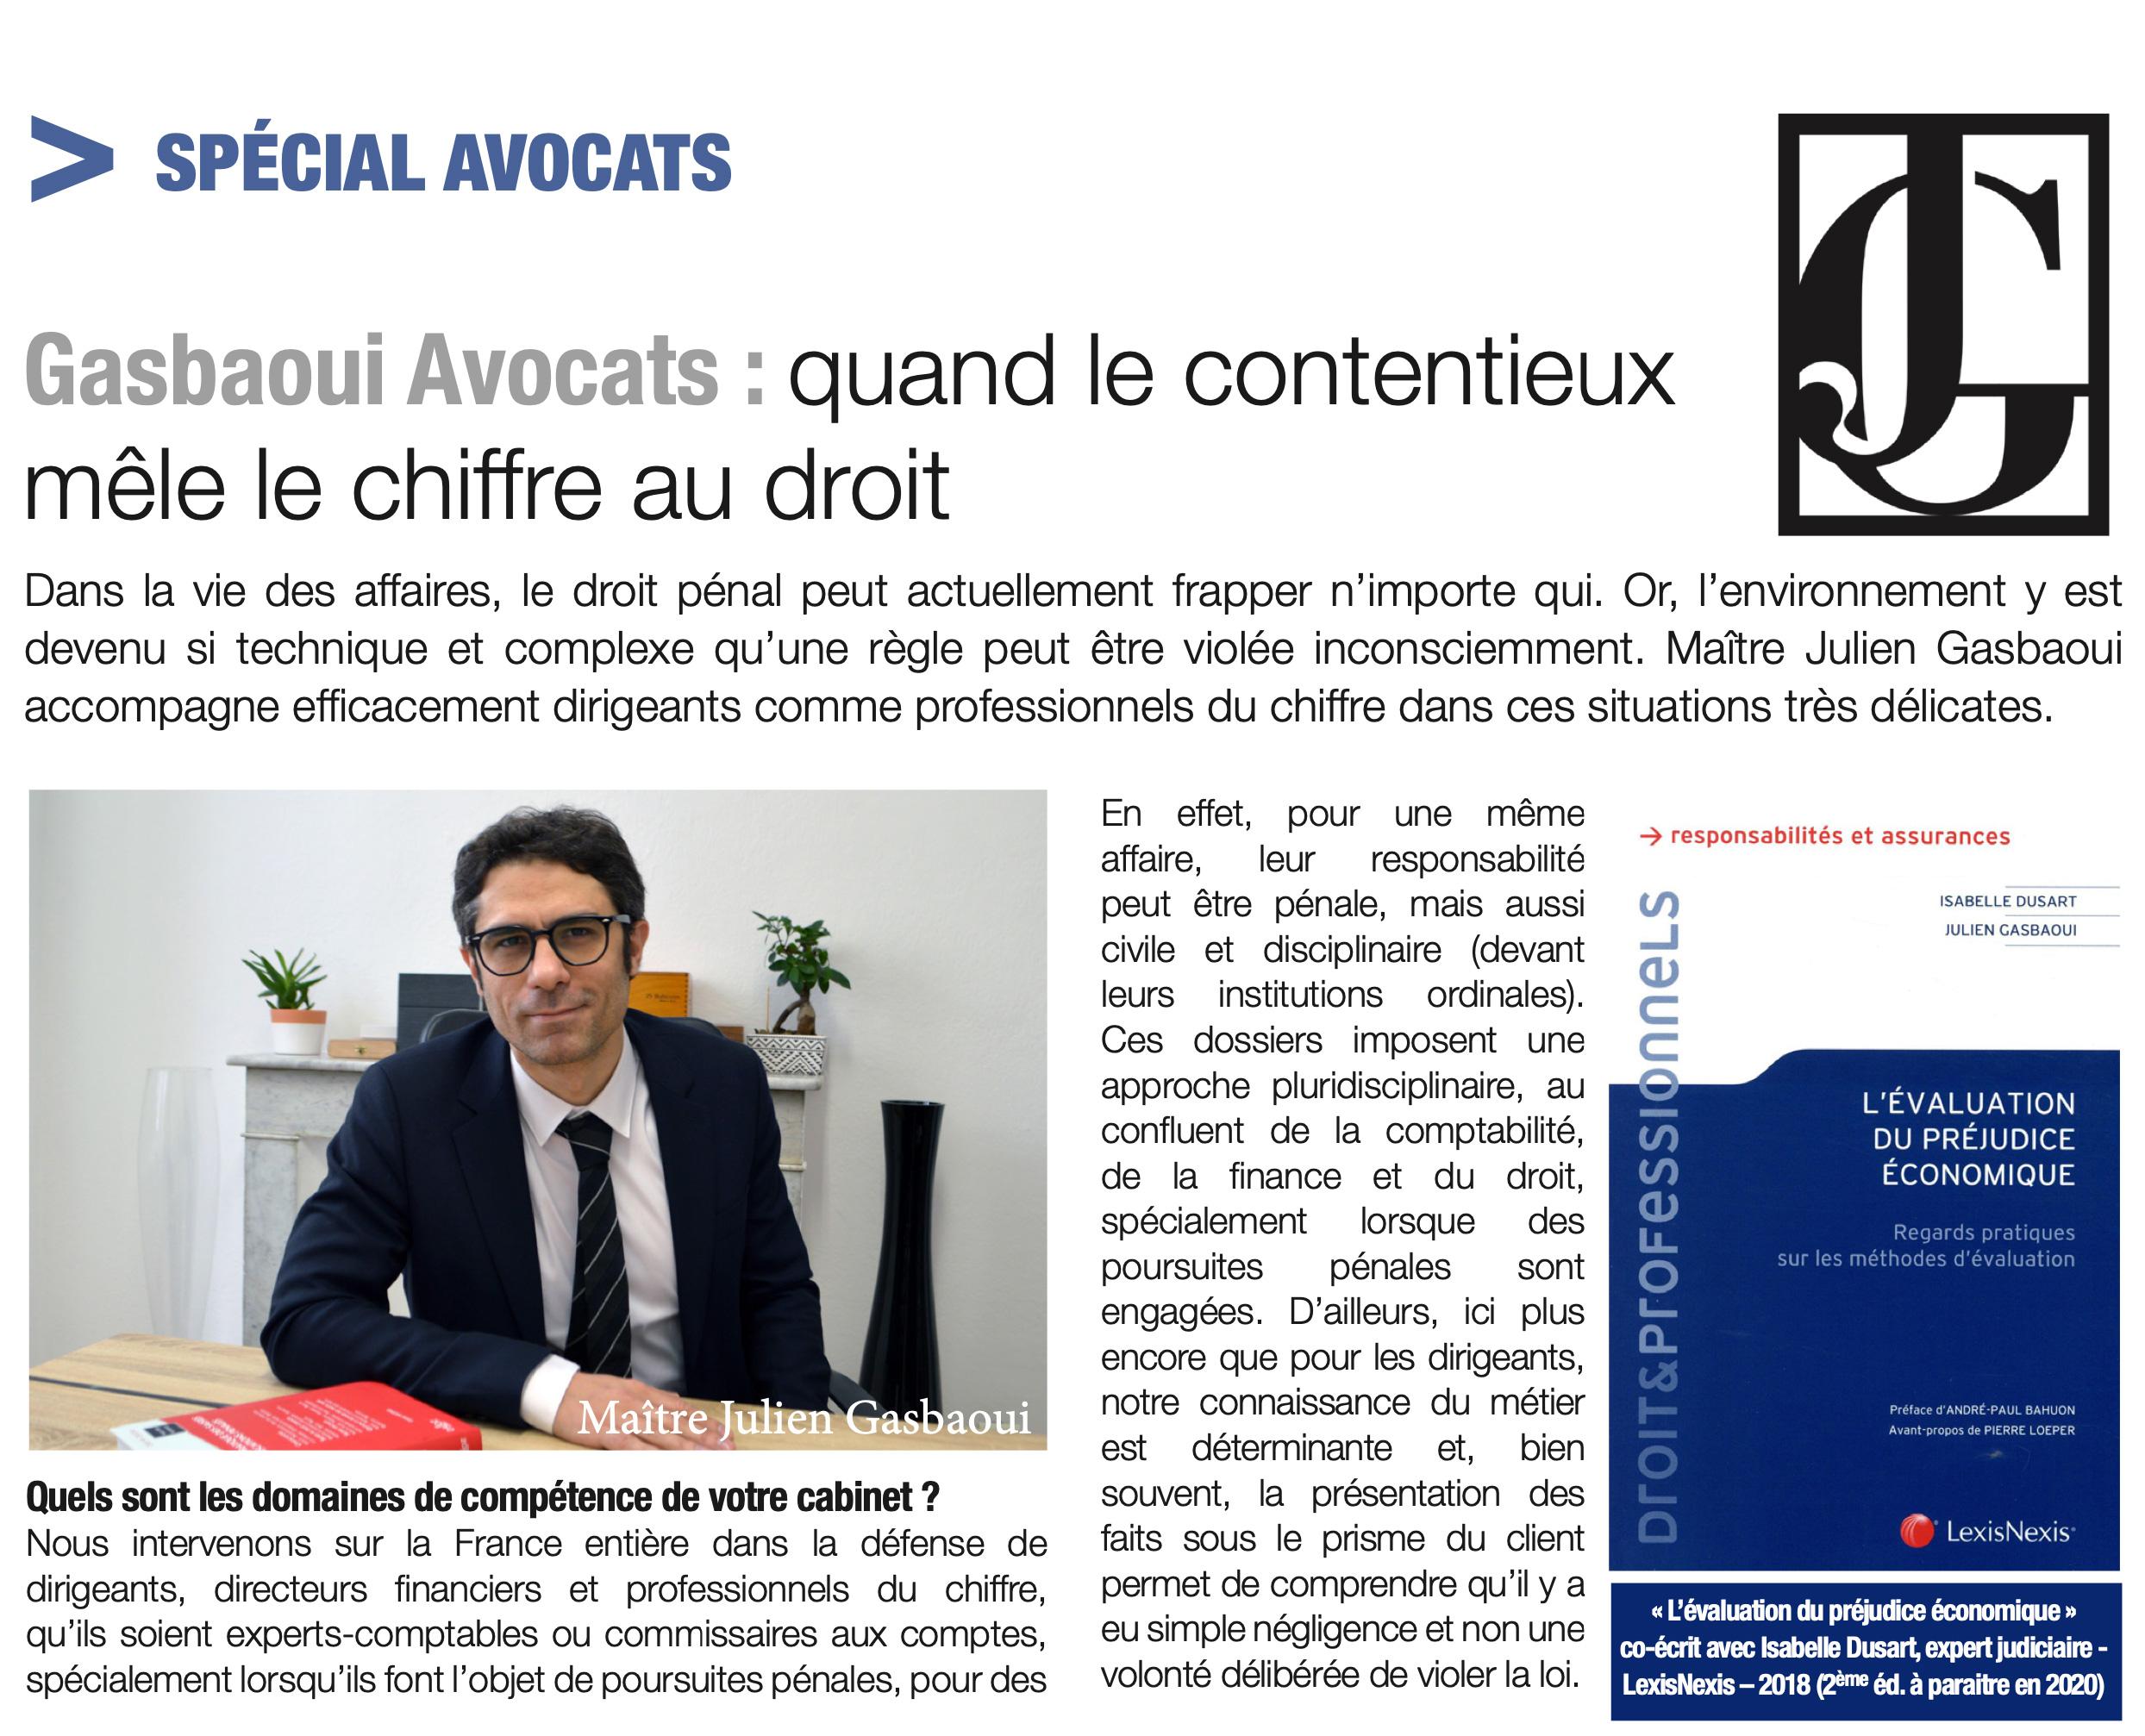 Gasbaoui Avocats - Quand le contentieux mêle le chiffre au droit